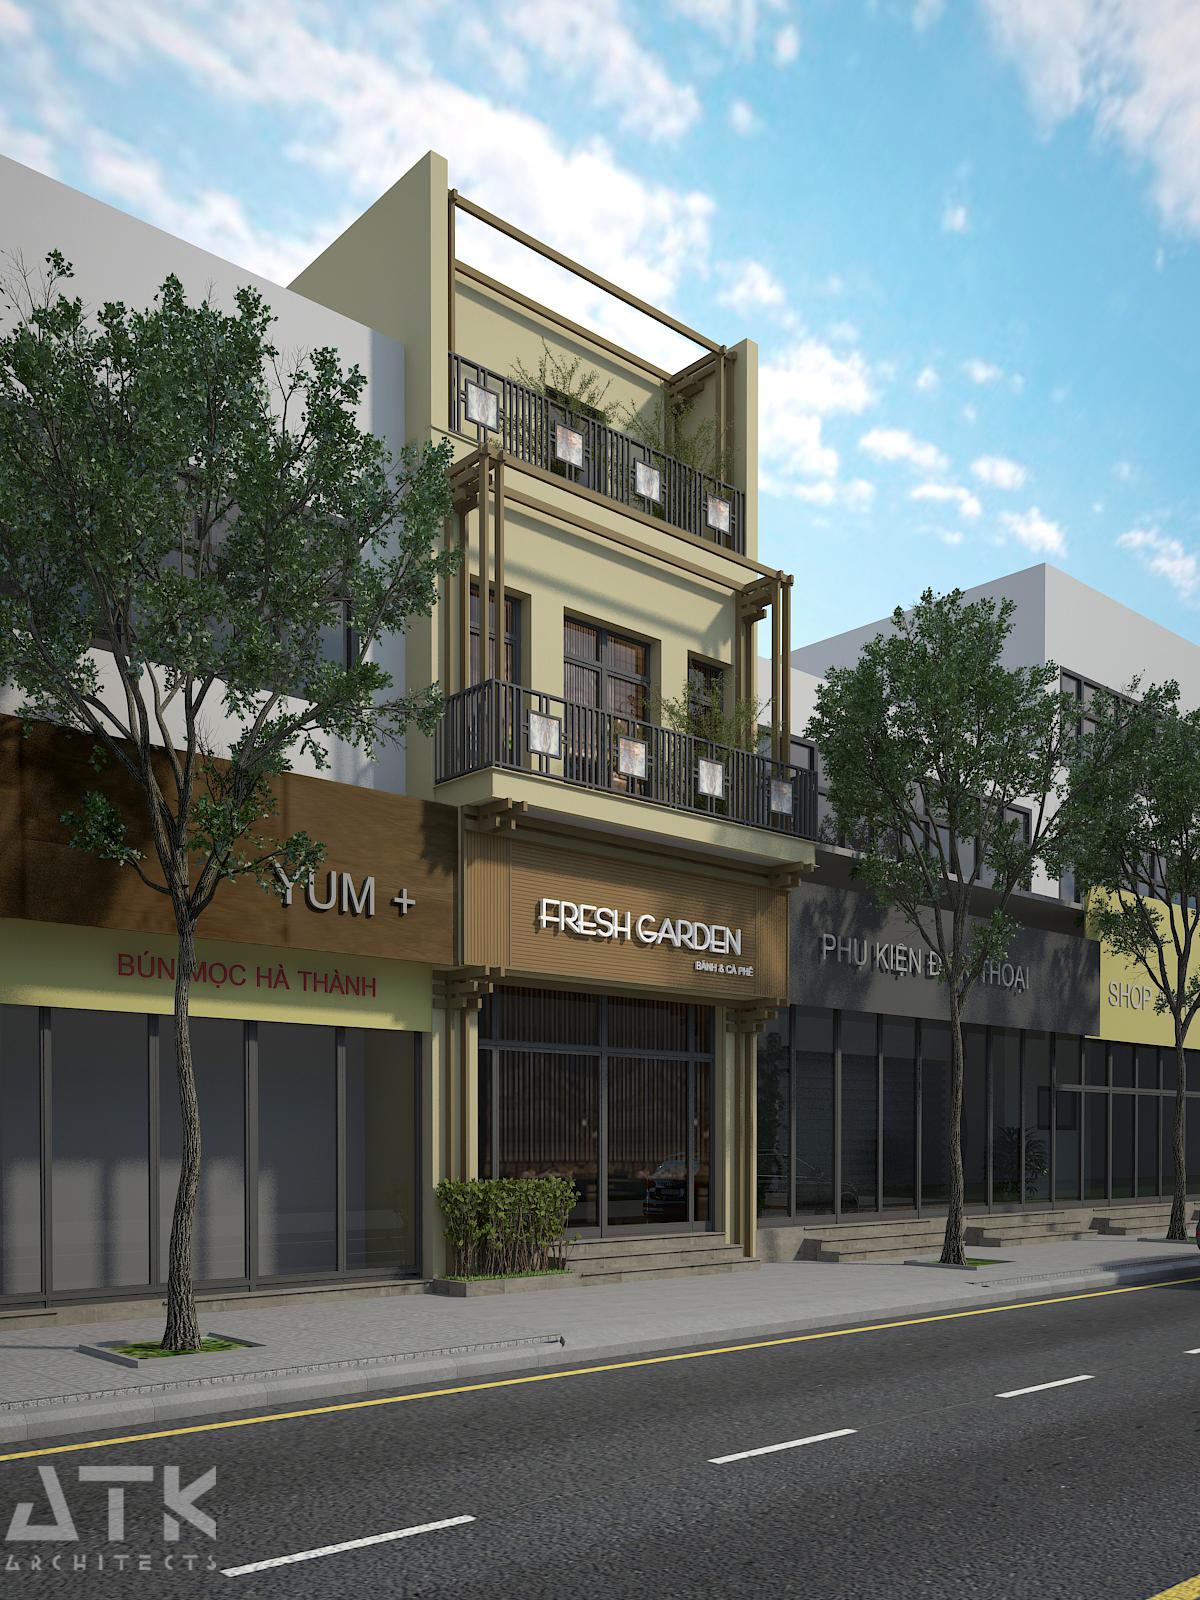 thiết kế nội thất Cafe tại Hà Nội Tiệm bánh & cà phê Fresh Garden 10 1549904425